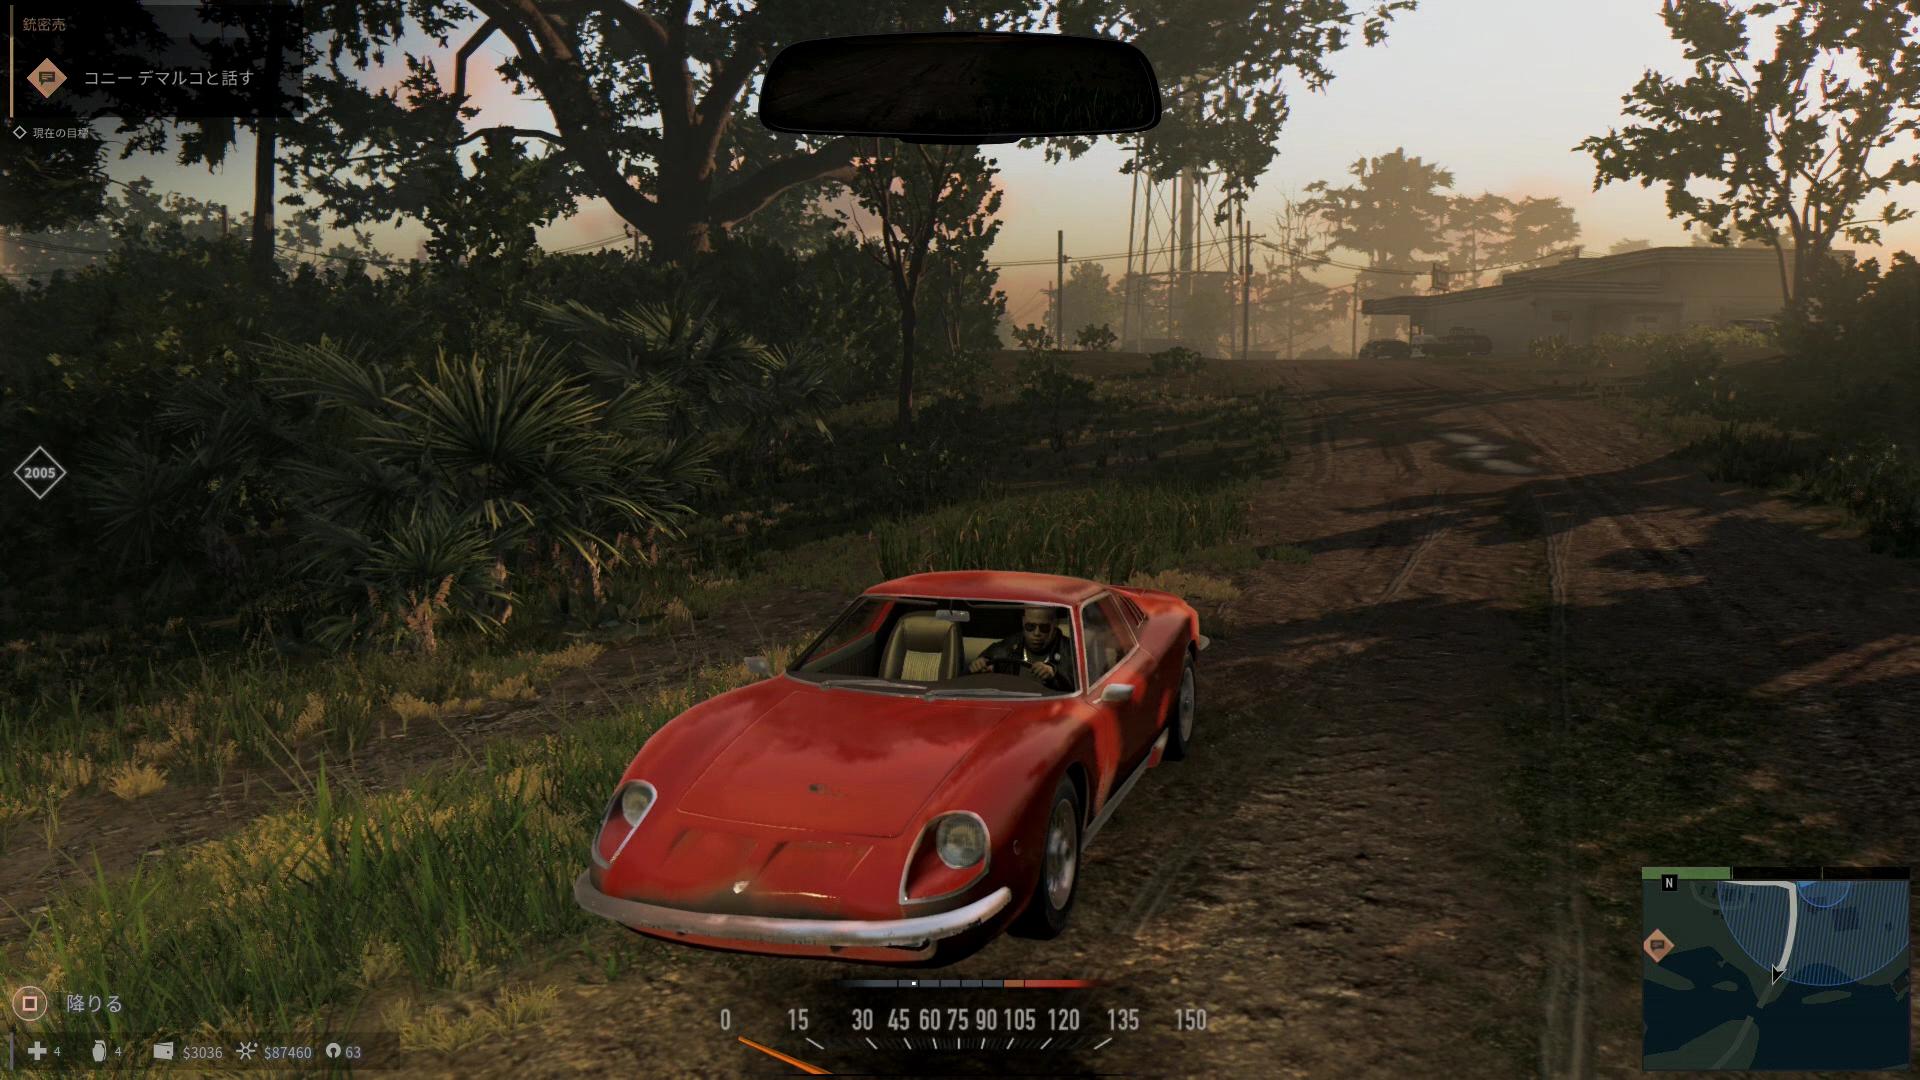 1番のおススメは赤いボディの「デレオ トラヴィアータ」だ。とにかく恐らくゲーム内で最速のスピードが特徴だ。その反面、警官に追われてタイヤを撃ち抜かれたりすると、かなり動きが鈍くなるけど、現状最強のスポーツカーだ